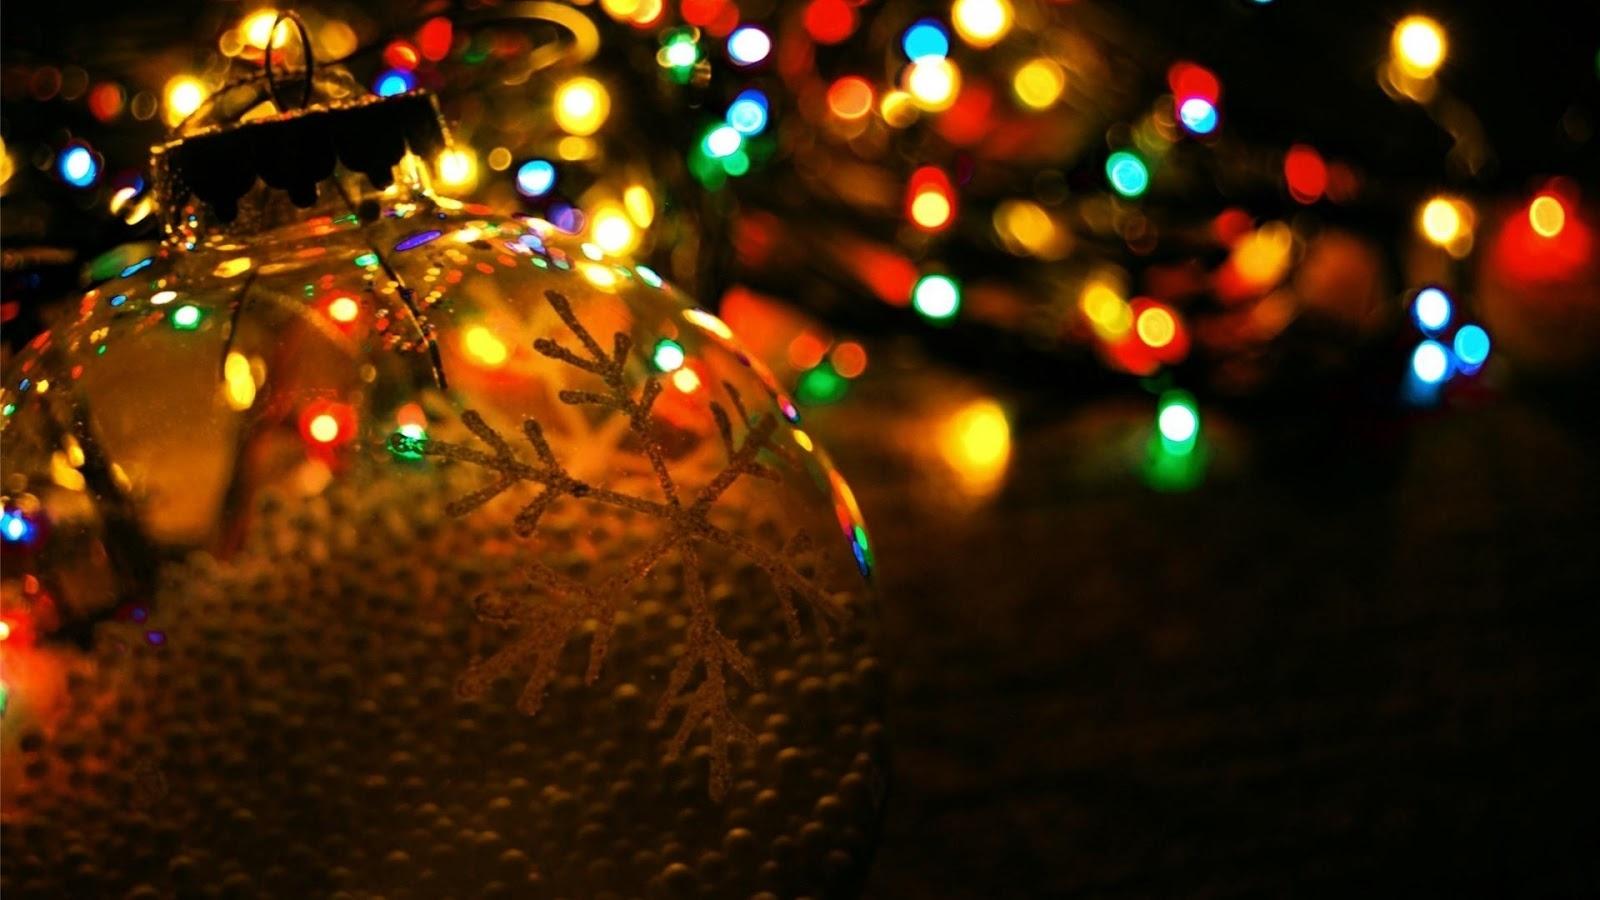 christmas lights wallpaper 24365 1600x900 px ~ hdwallsource